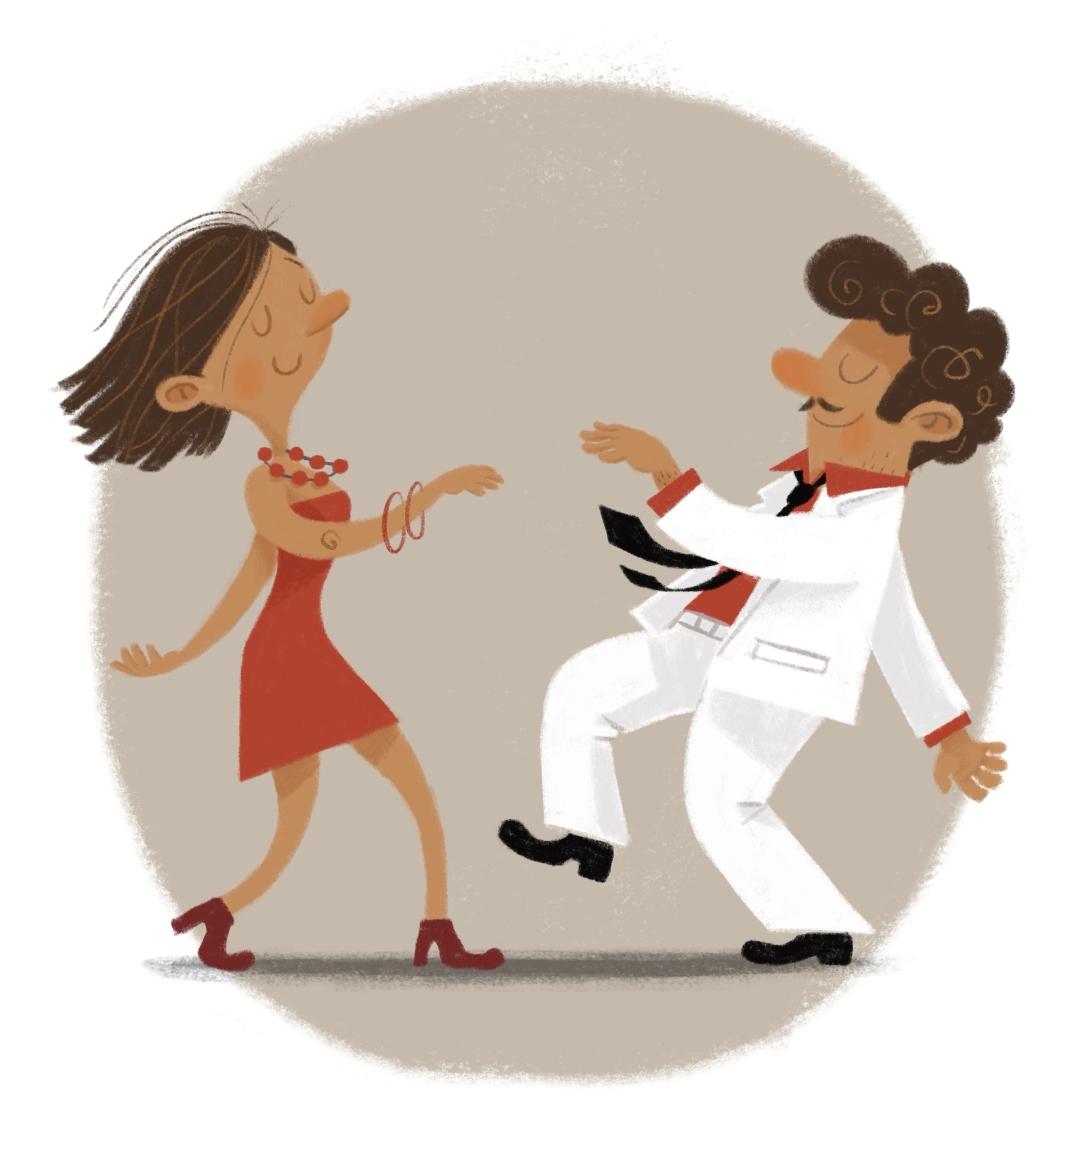 dancing_6-e1520363971694.jpg